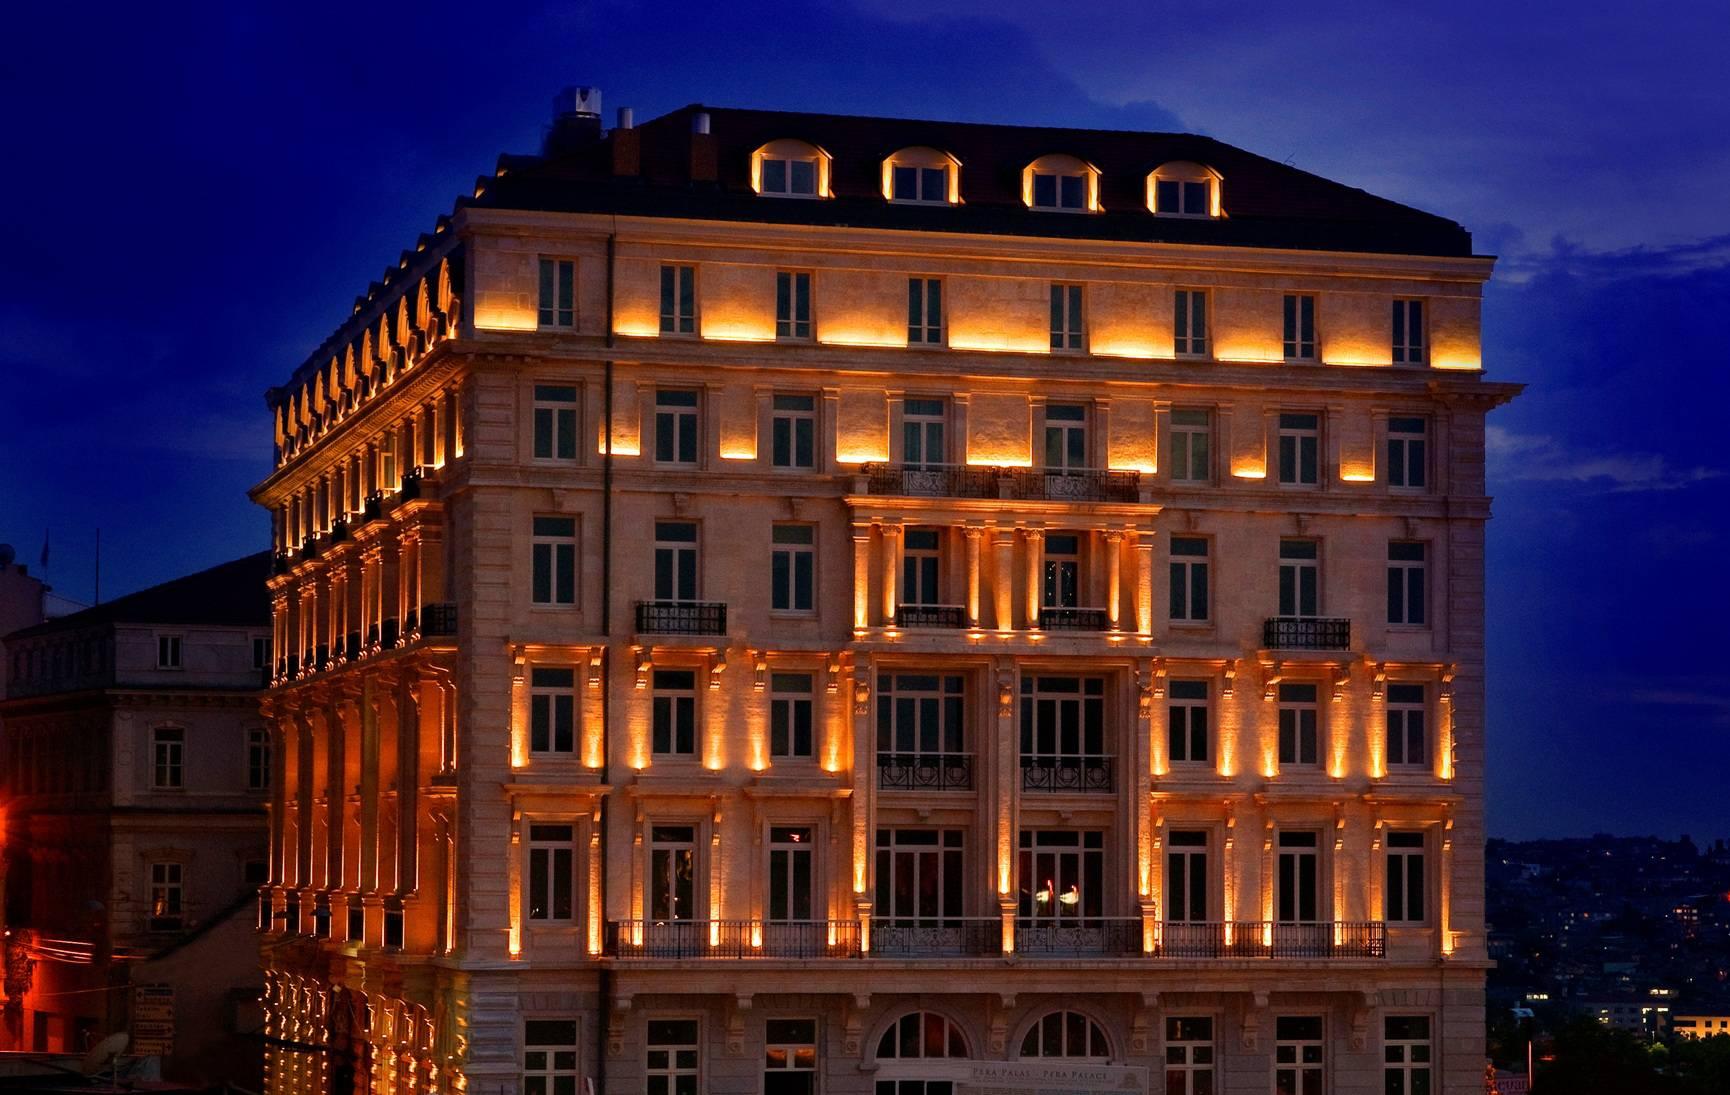 Pera_Palace_Hotel_Jumeirah_jpg